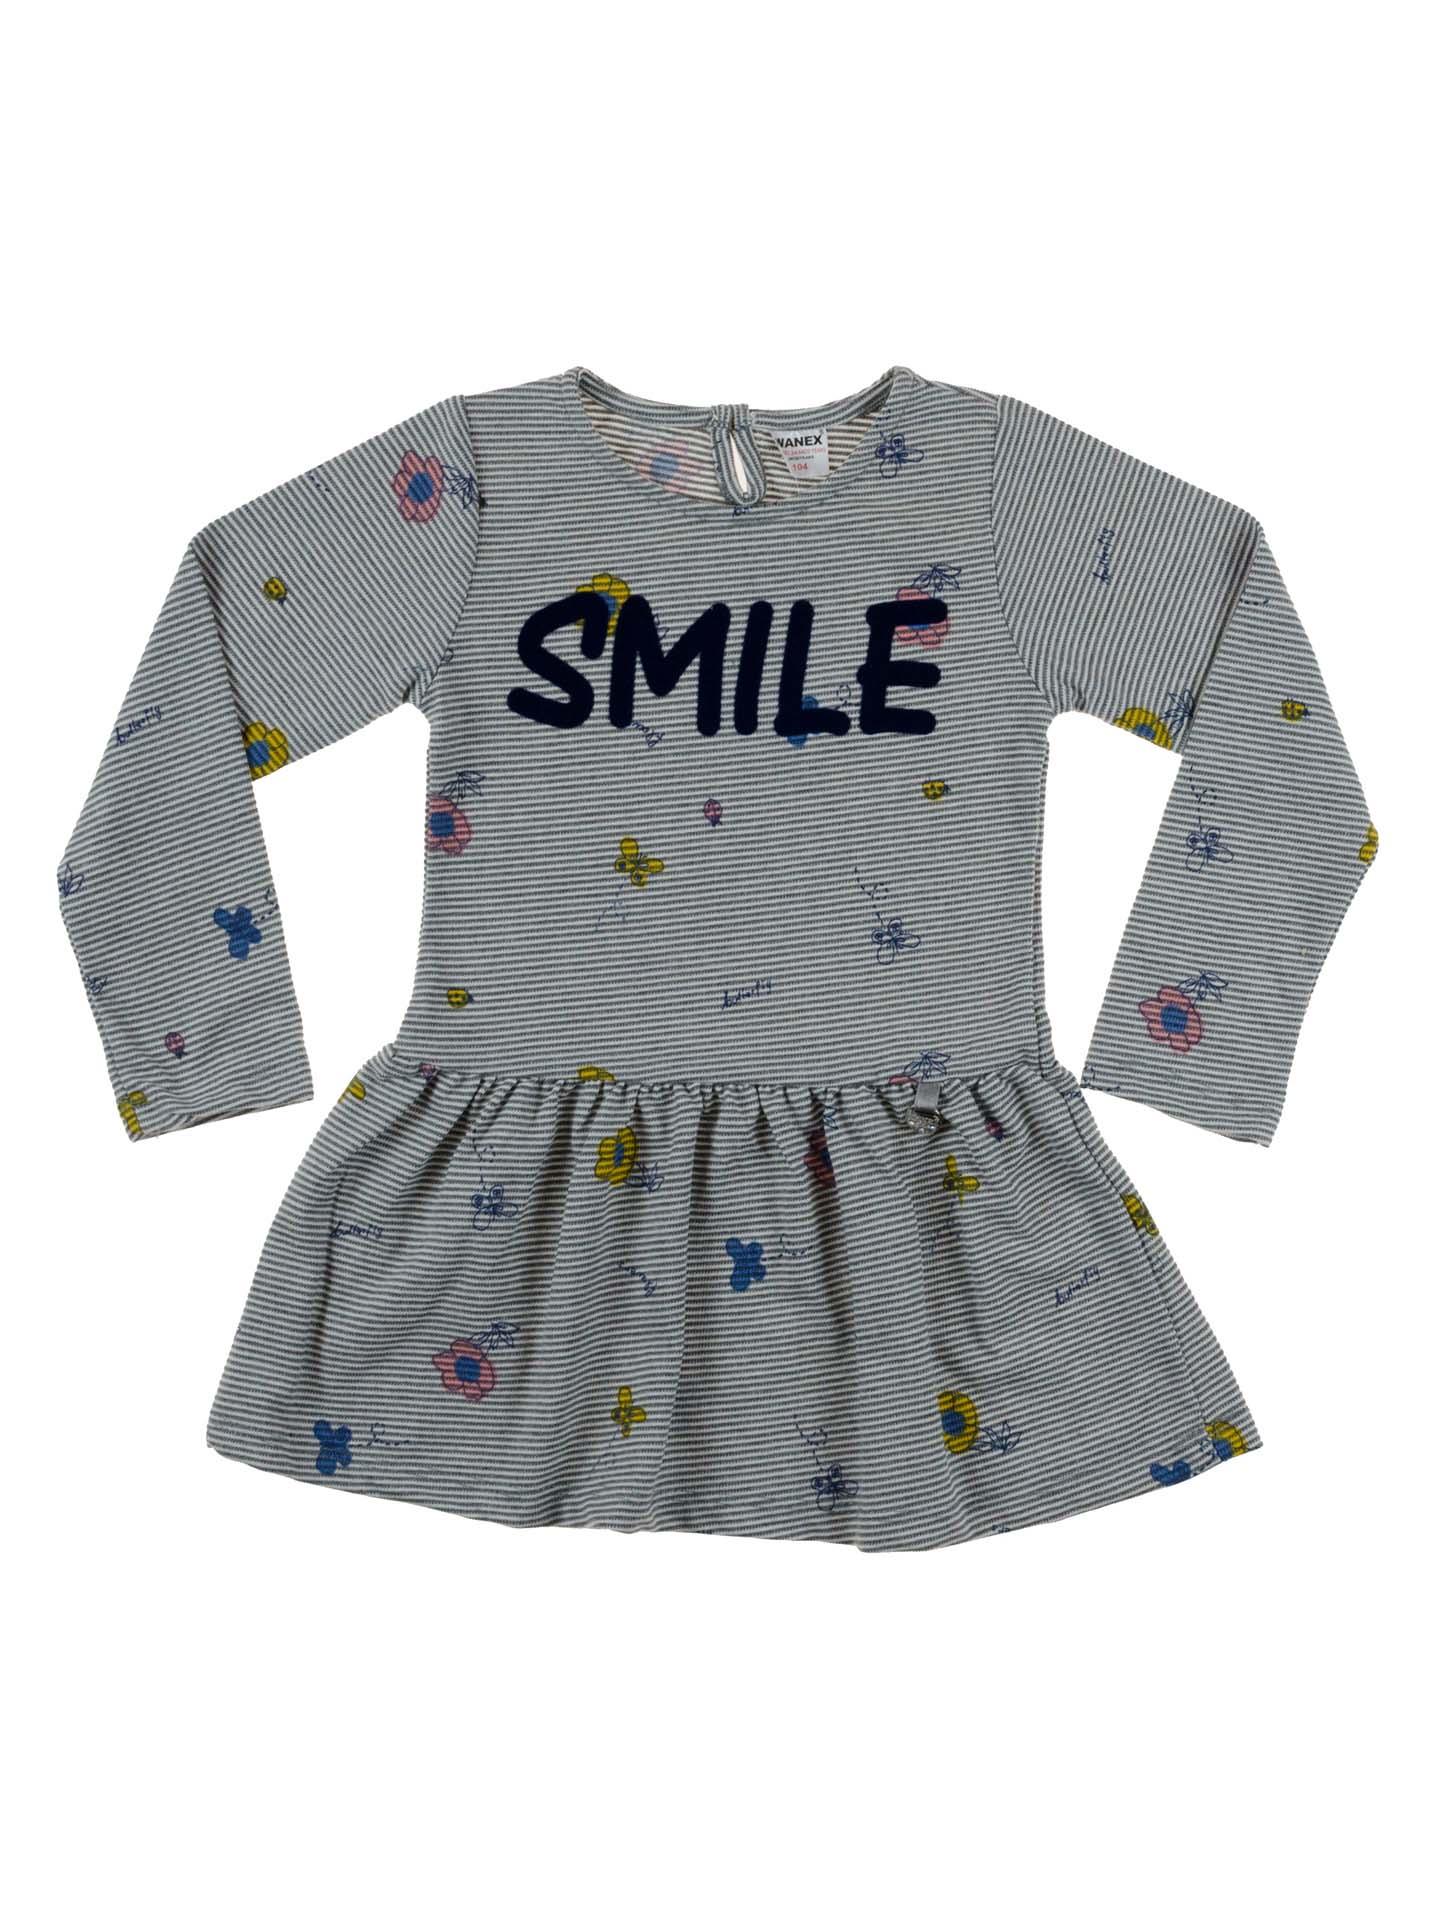 Купити Сукня для дівчинки Wanex  509d4d193a61e